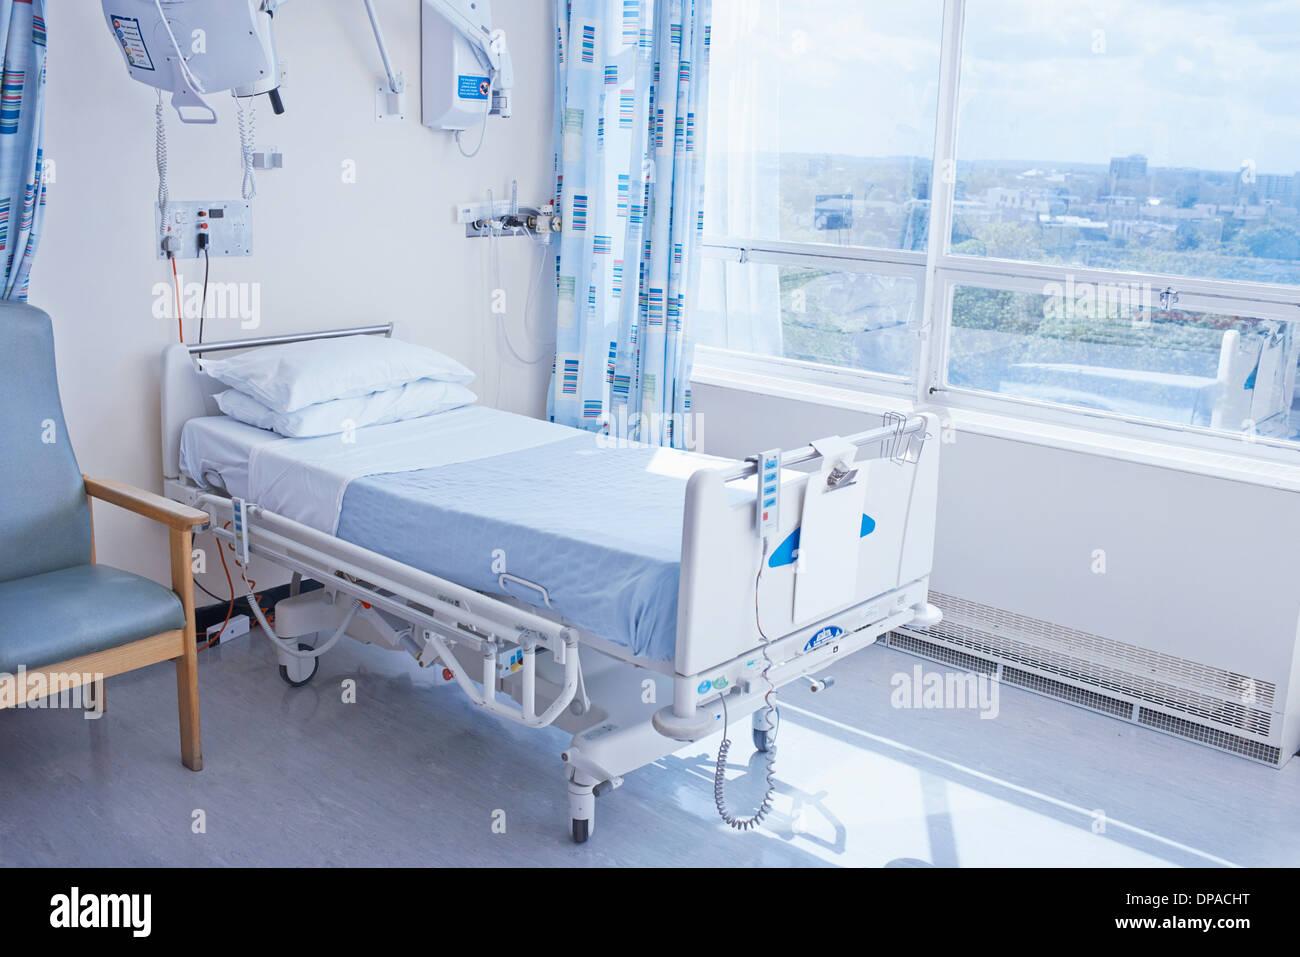 Lit d'hôpital vide sur l'hôpital Photo Stock